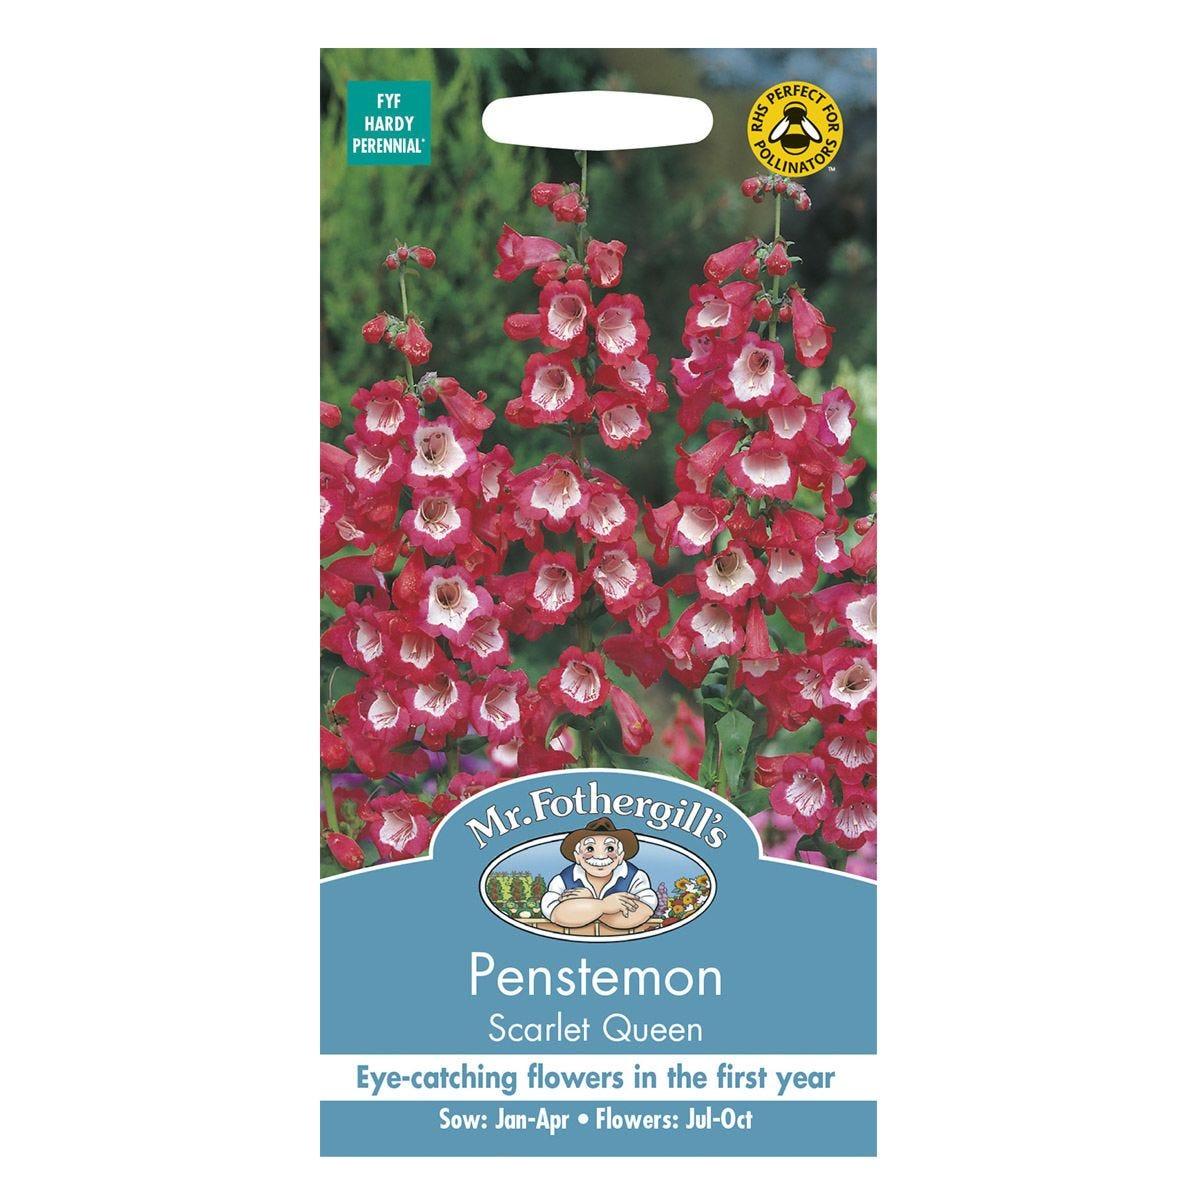 Mr Fothergill's Penstemon Scarlet Queen Seeds